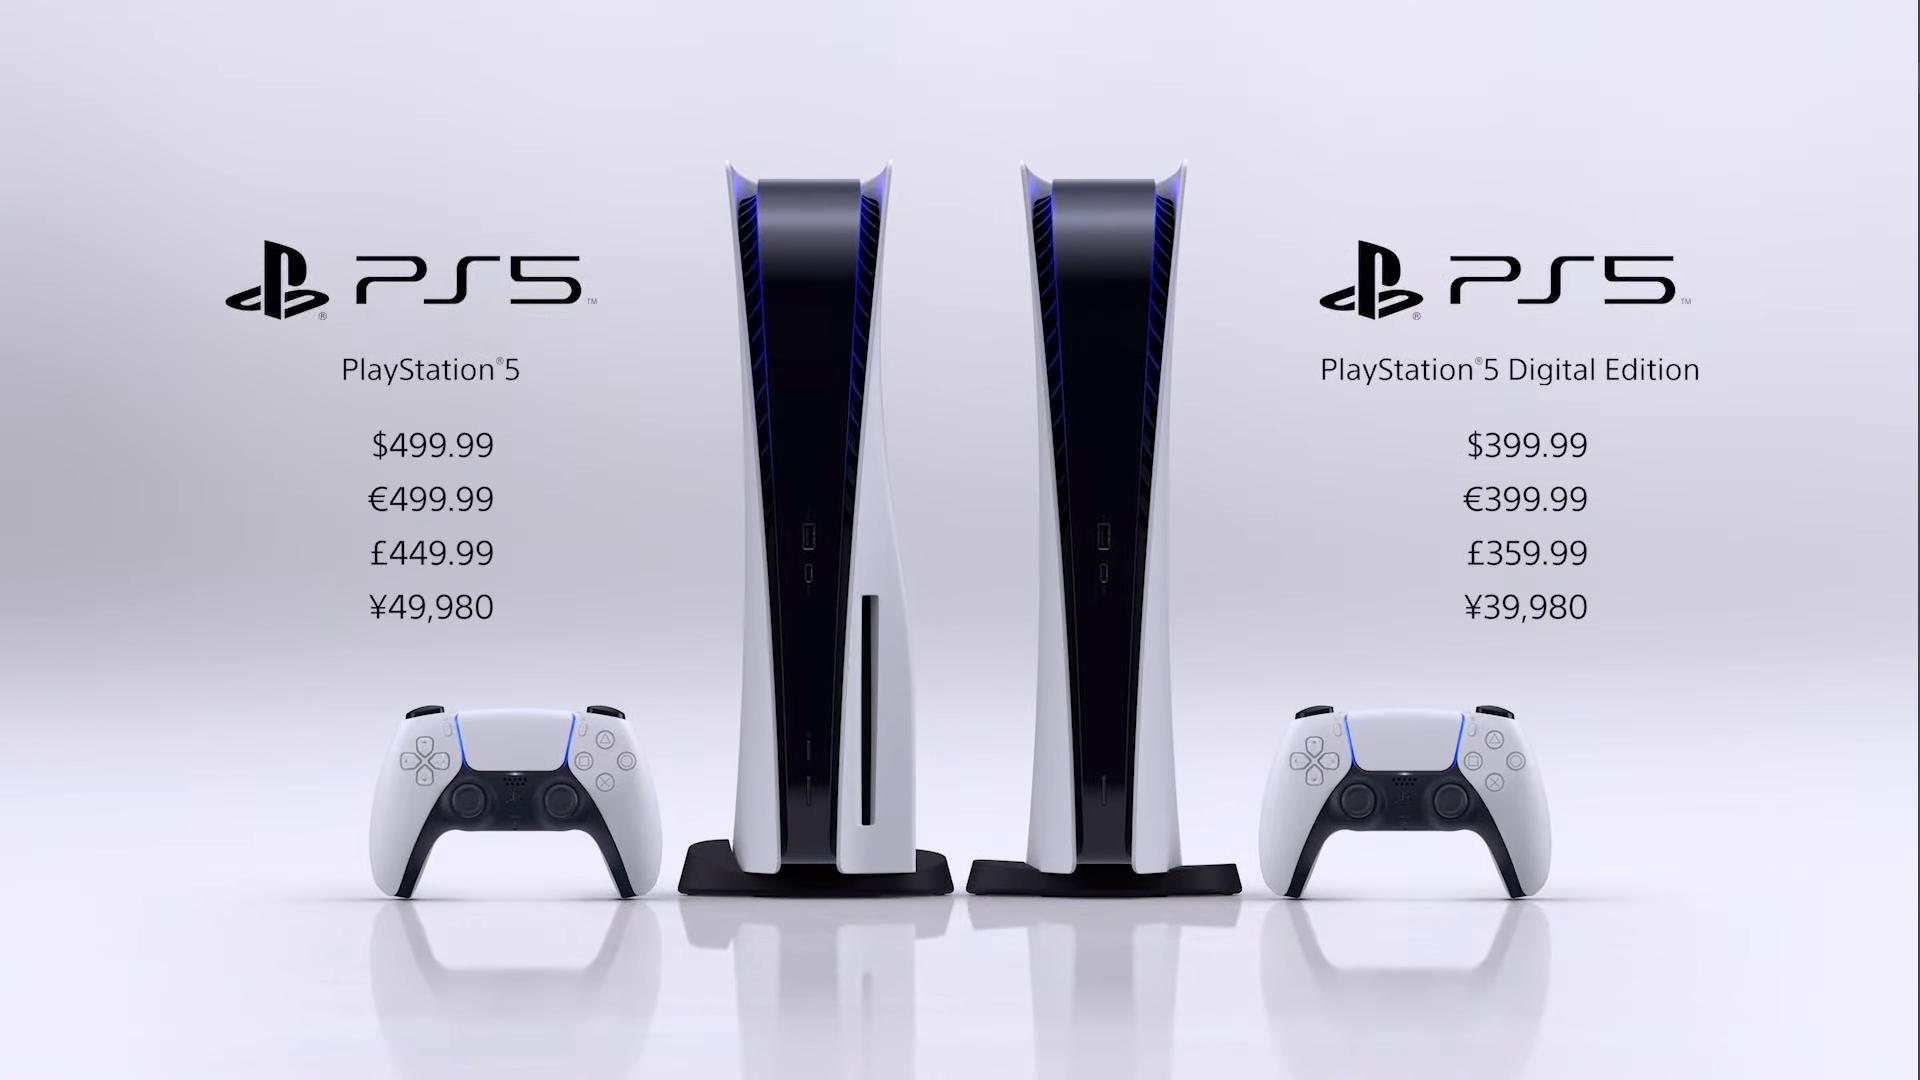 Precios de las diferentes ediciones de PlayStation 5